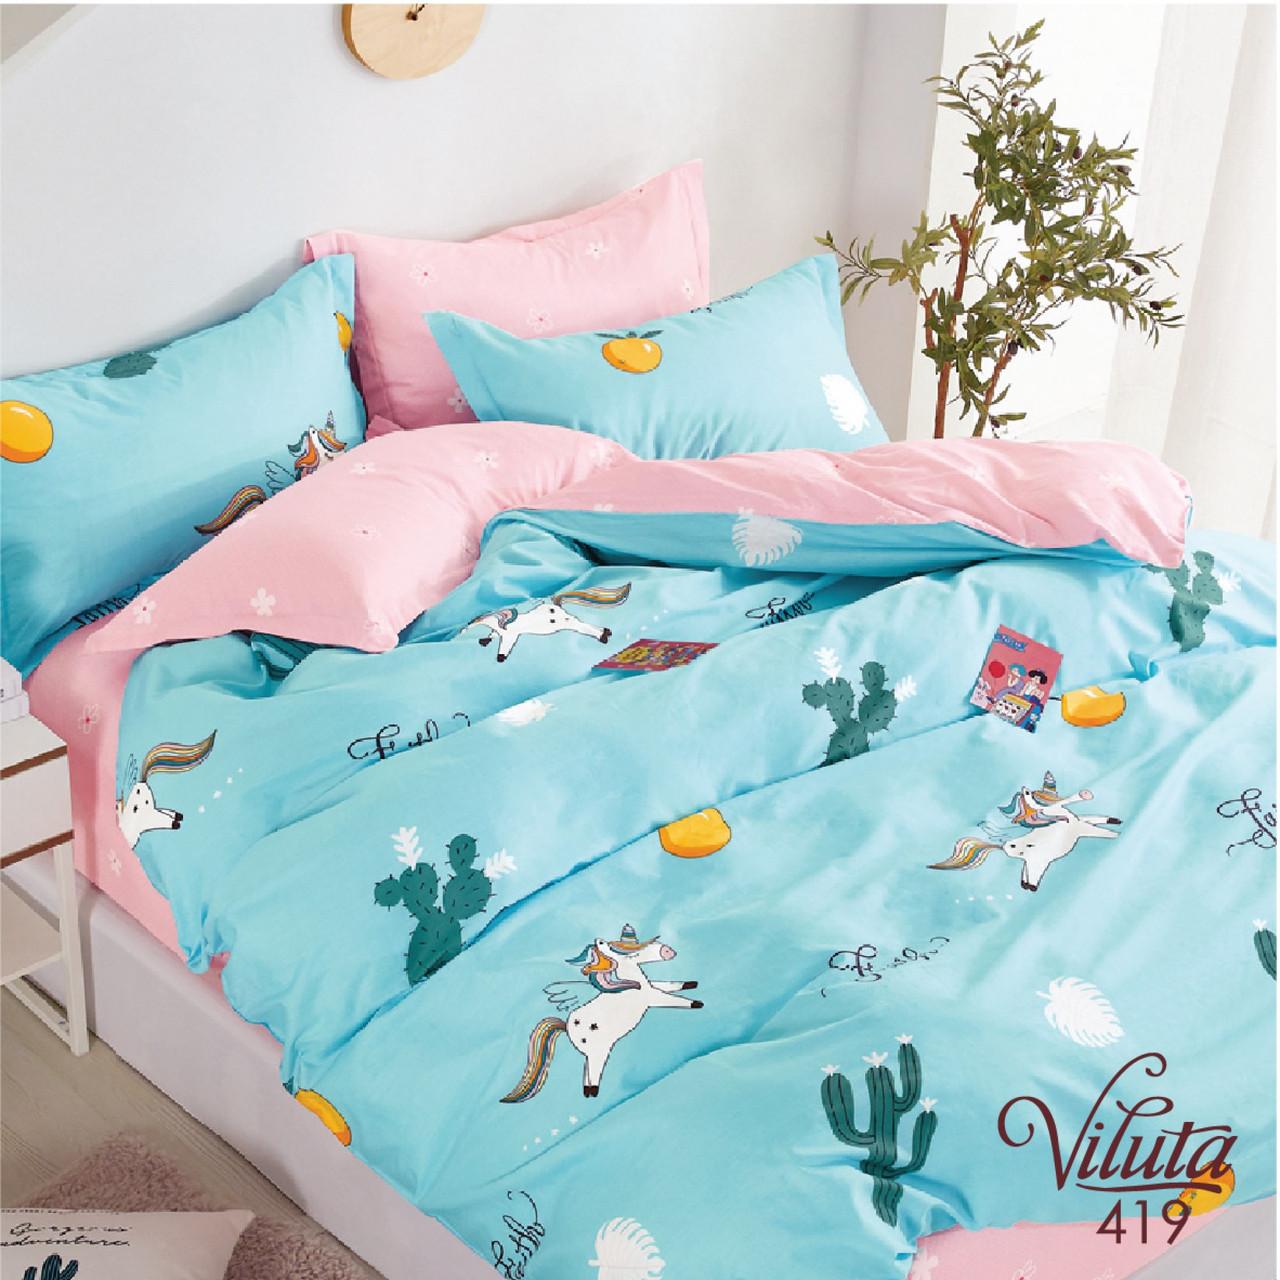 Постельное белье в детскую кроватку Viluta. Сатин 419